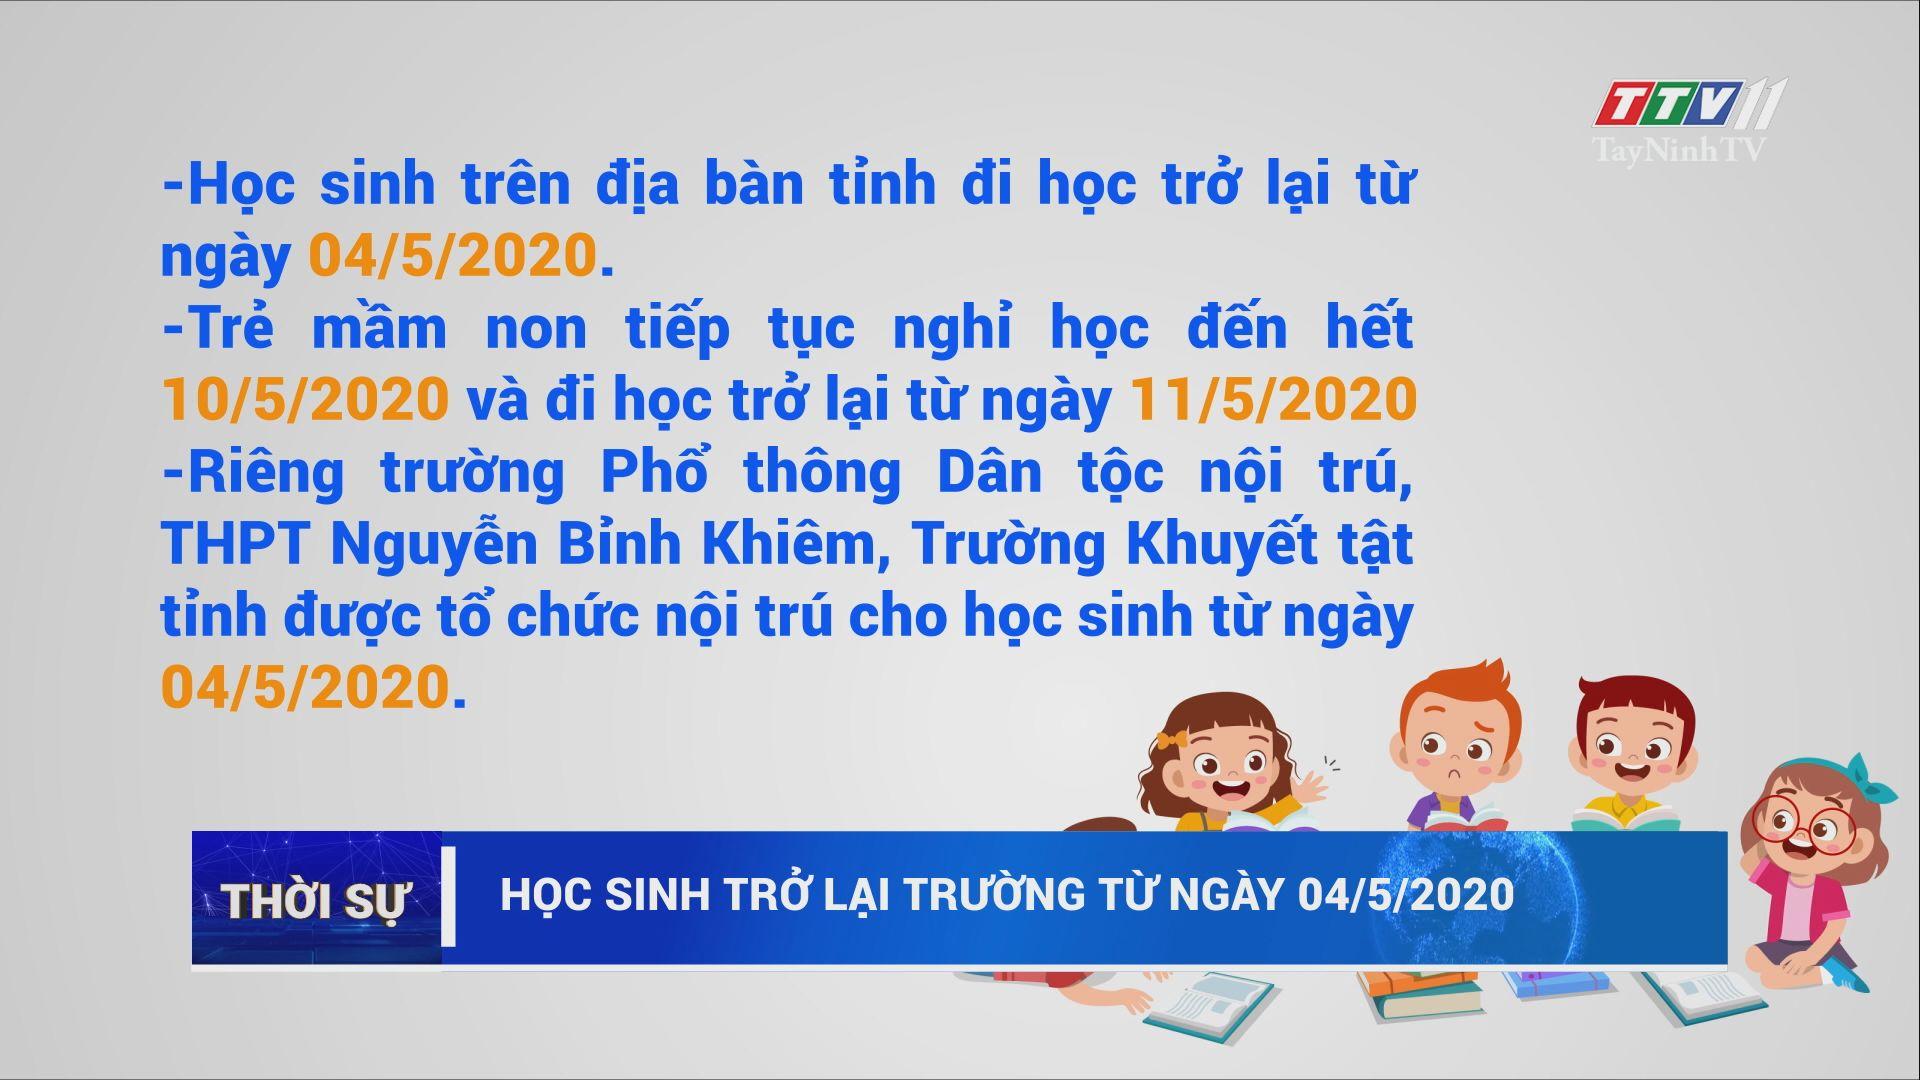 Học sinh trở lại trường từ ngày 04/5/2020 | THỜI SỰ | TayNinhTV